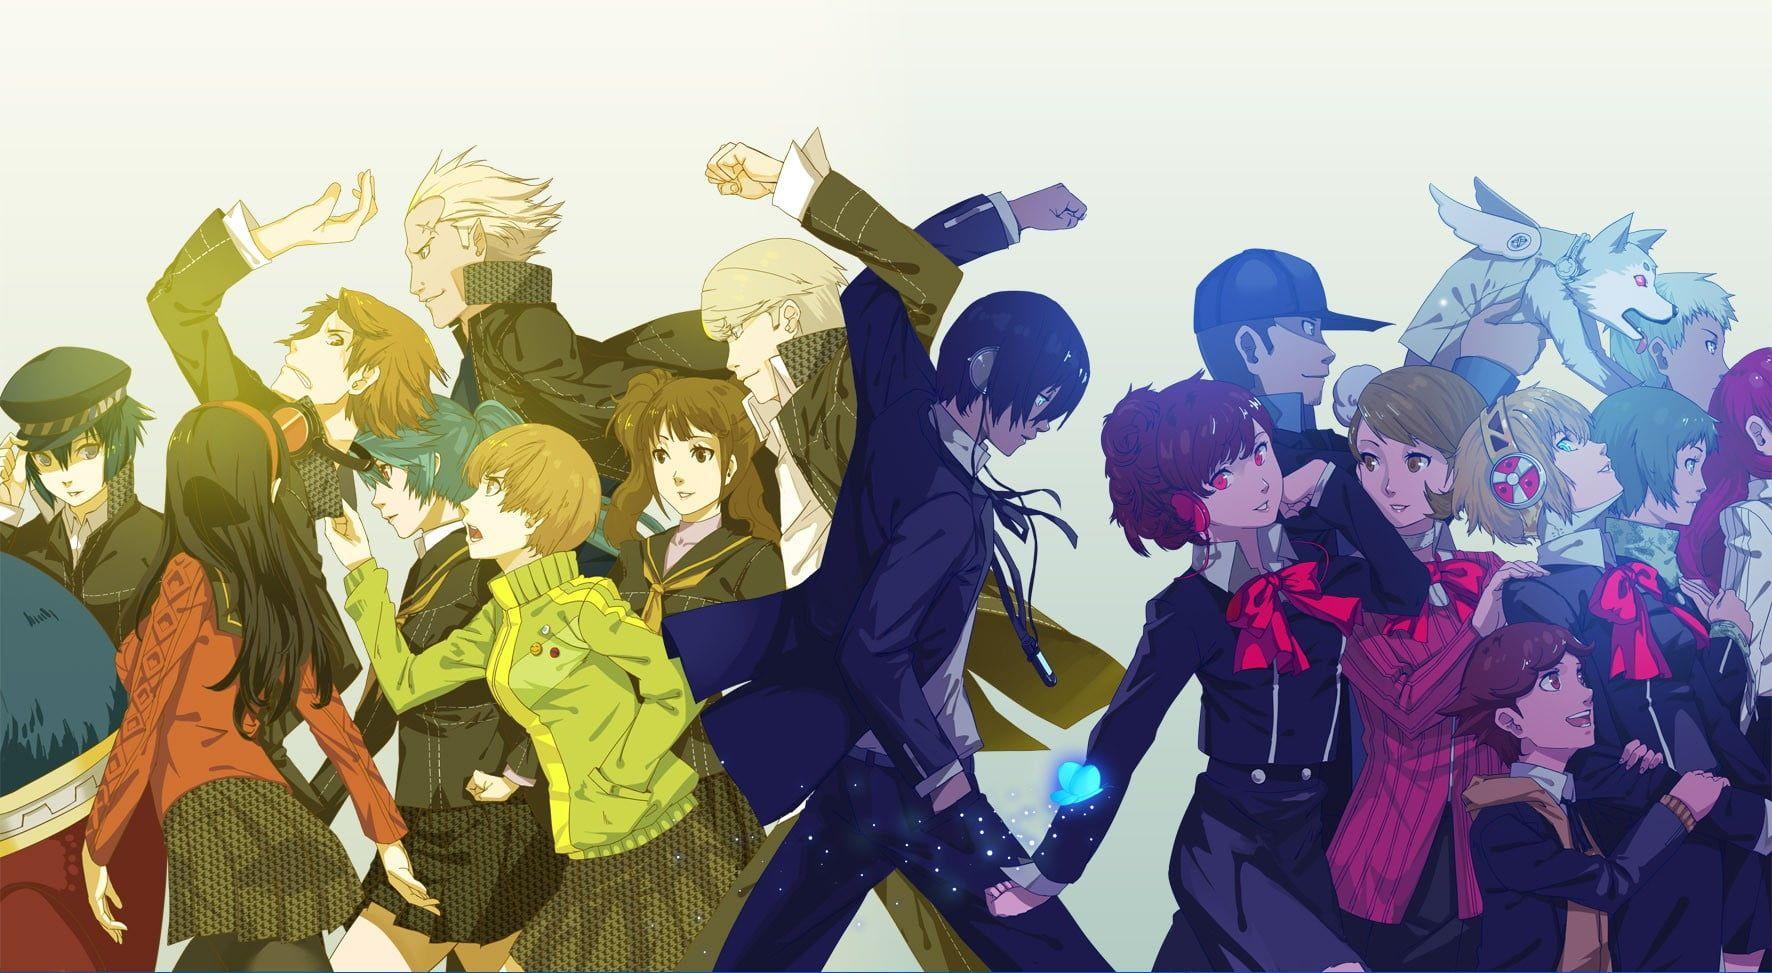 anime illustration Persona 4 Persona 3 Persona 3 Portable